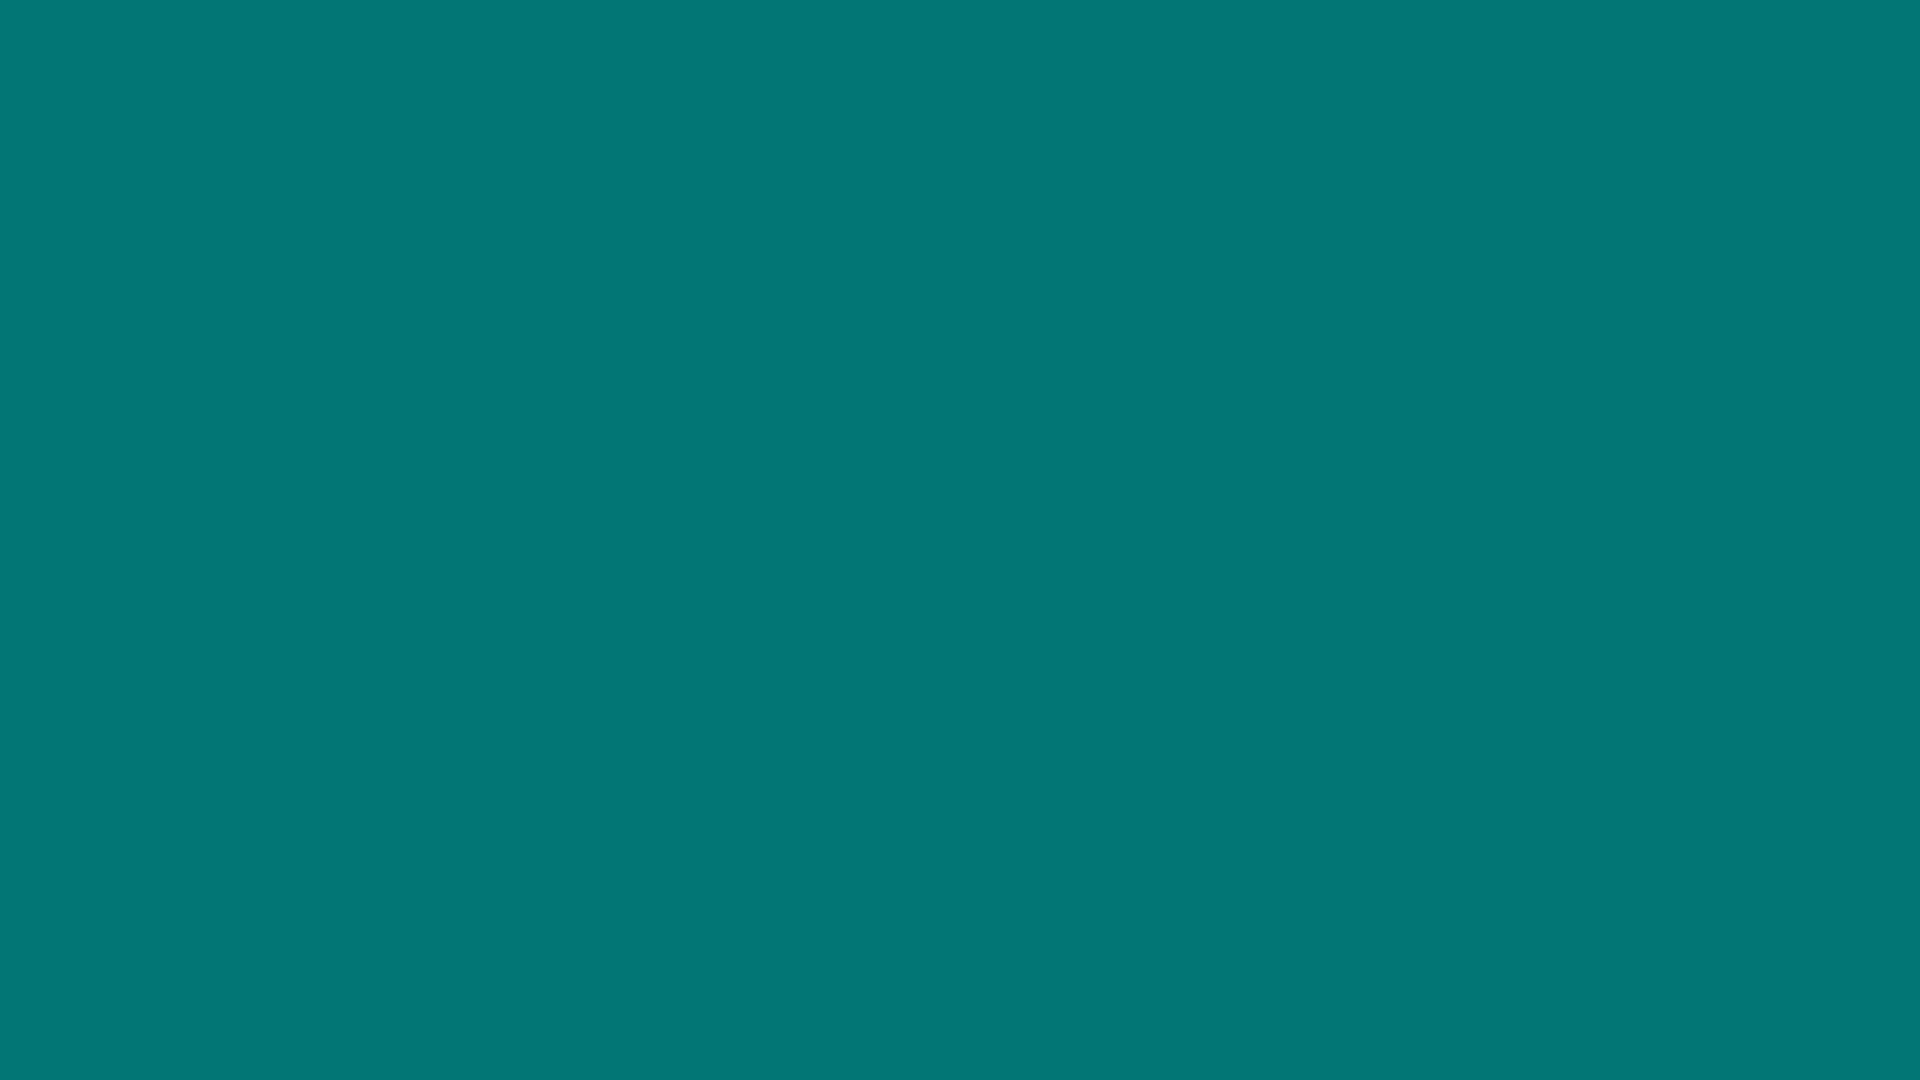 """[중앙일보] ⑦ """"이제는 아시아 시대"""" – 서울대 아시아연구소 기획 ⑦ 국경·정치 벽 넘는 문화교류"""